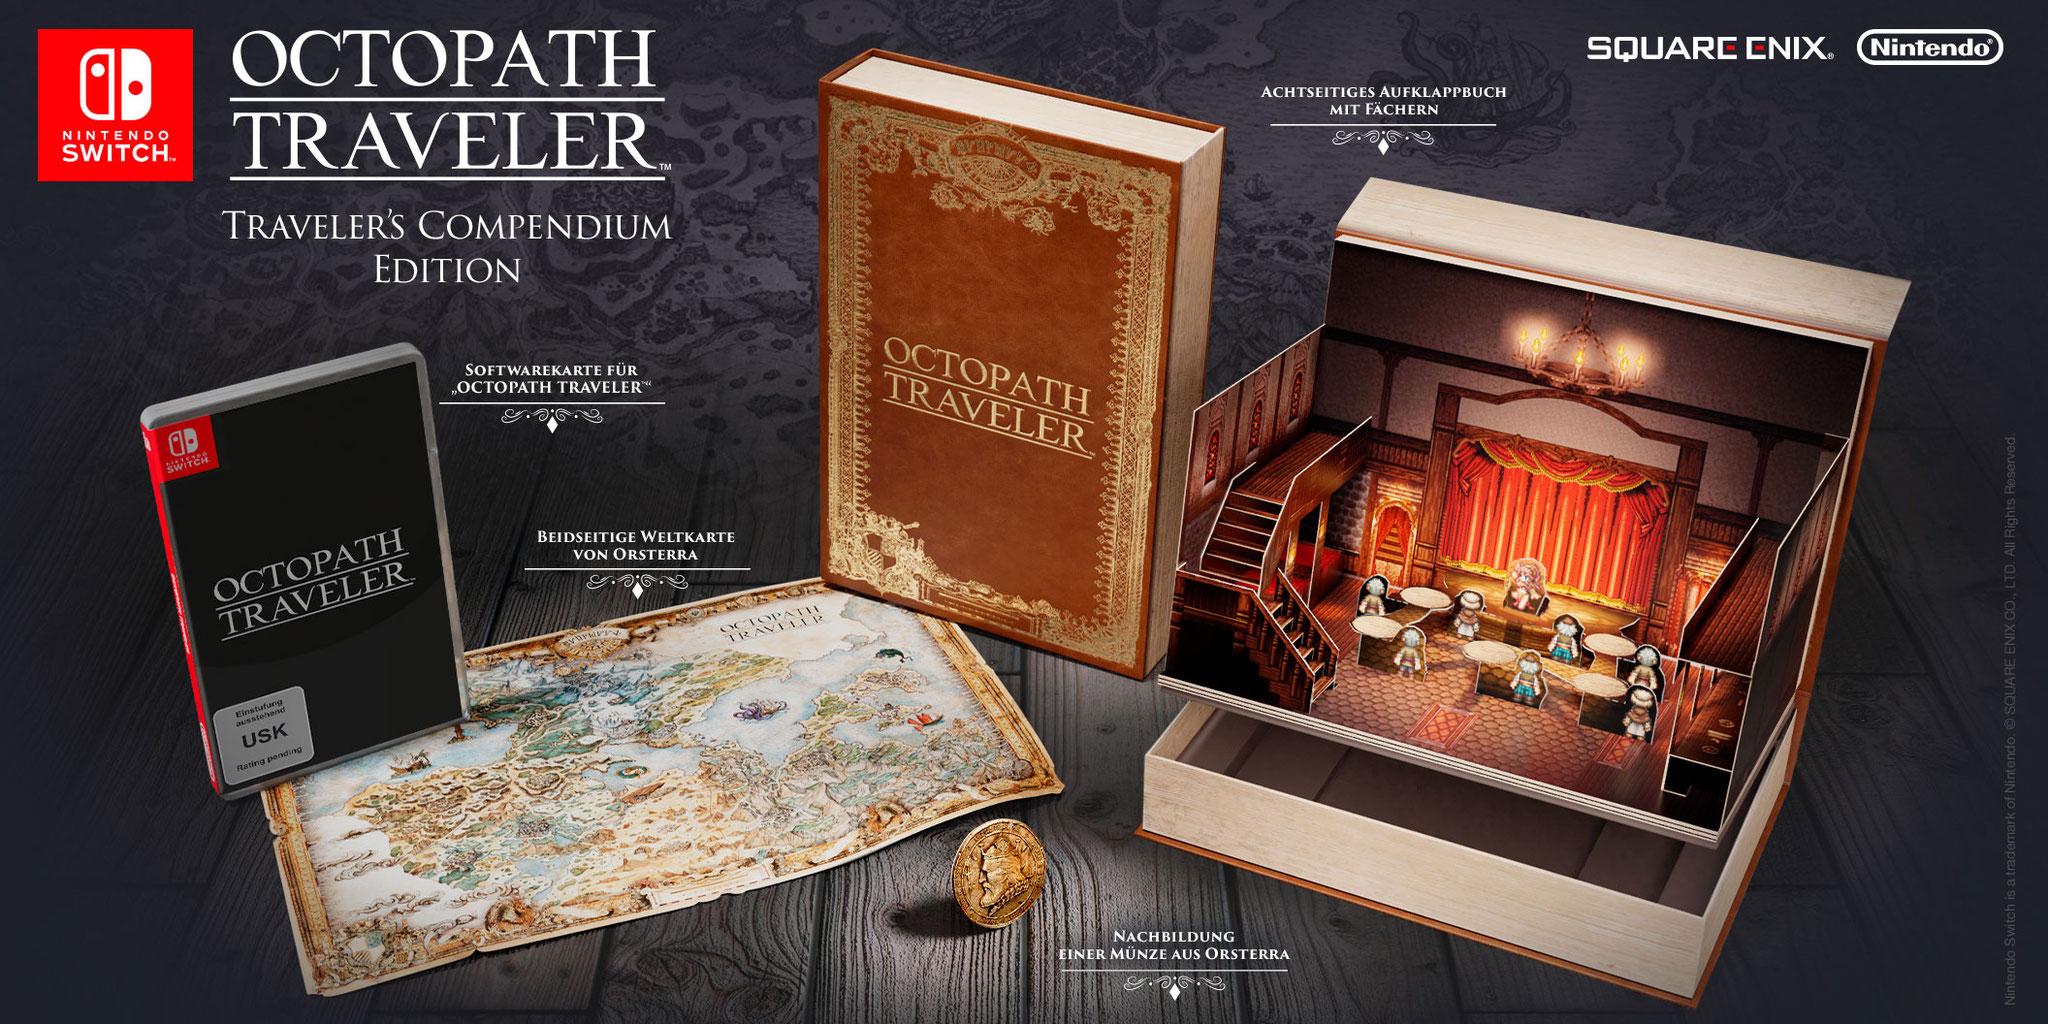 """Erscheint am 13. Juli und kommt sogar als luxuriös ausgestattete Sammler-Edition: Square Enix' Retro-Rollenspiel """"Octopath Traveler""""."""